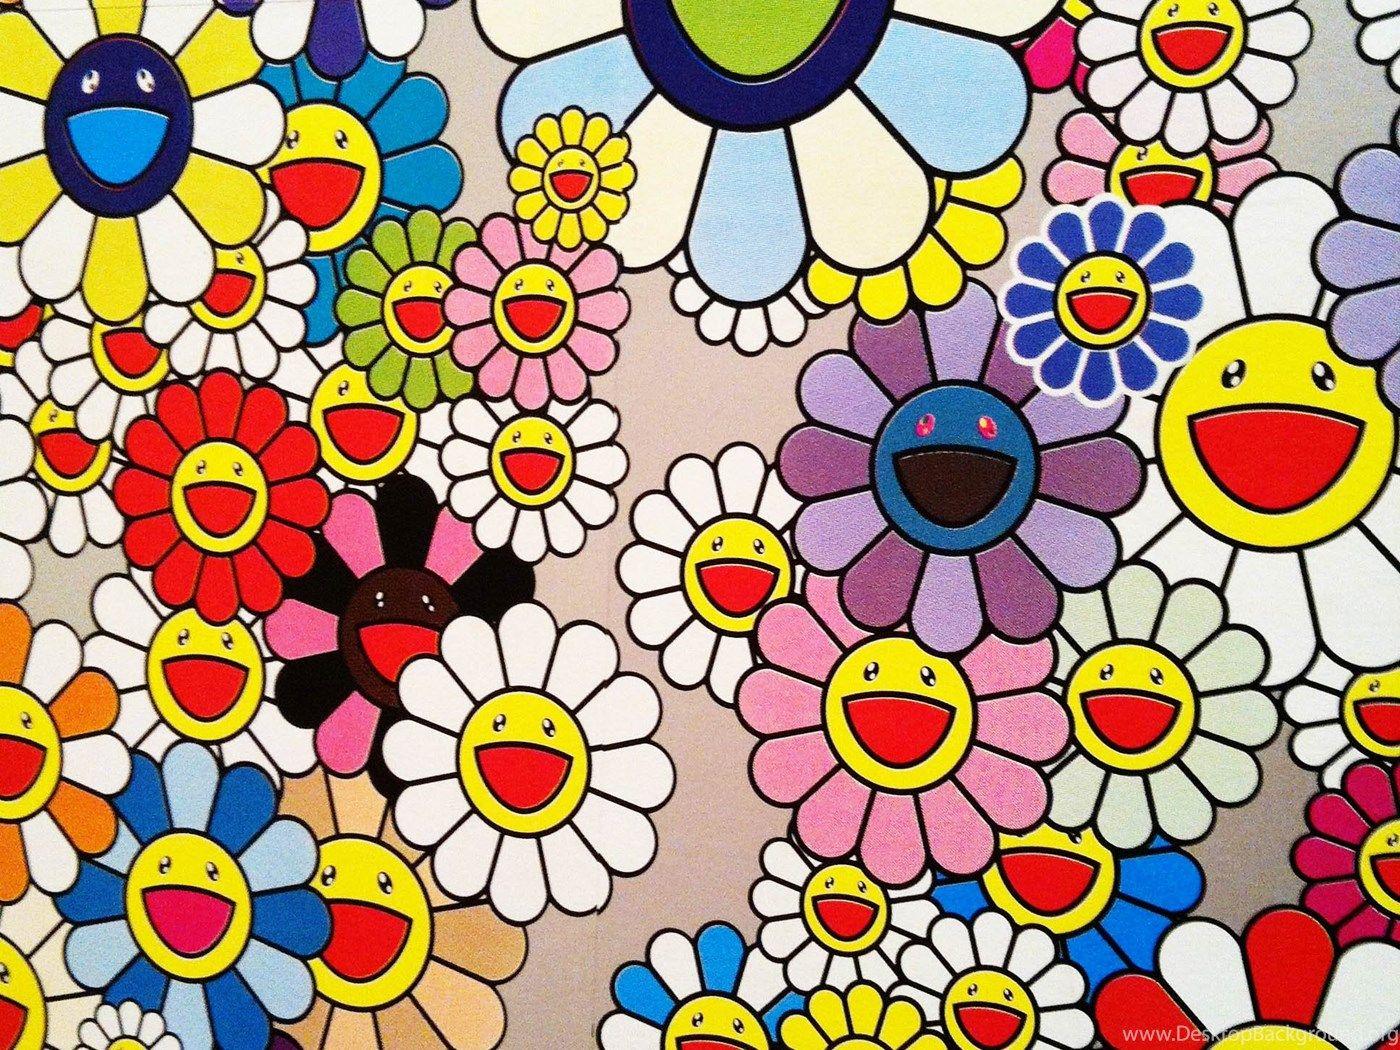 Murakami Art Wallpapers - Wallpaper Cave